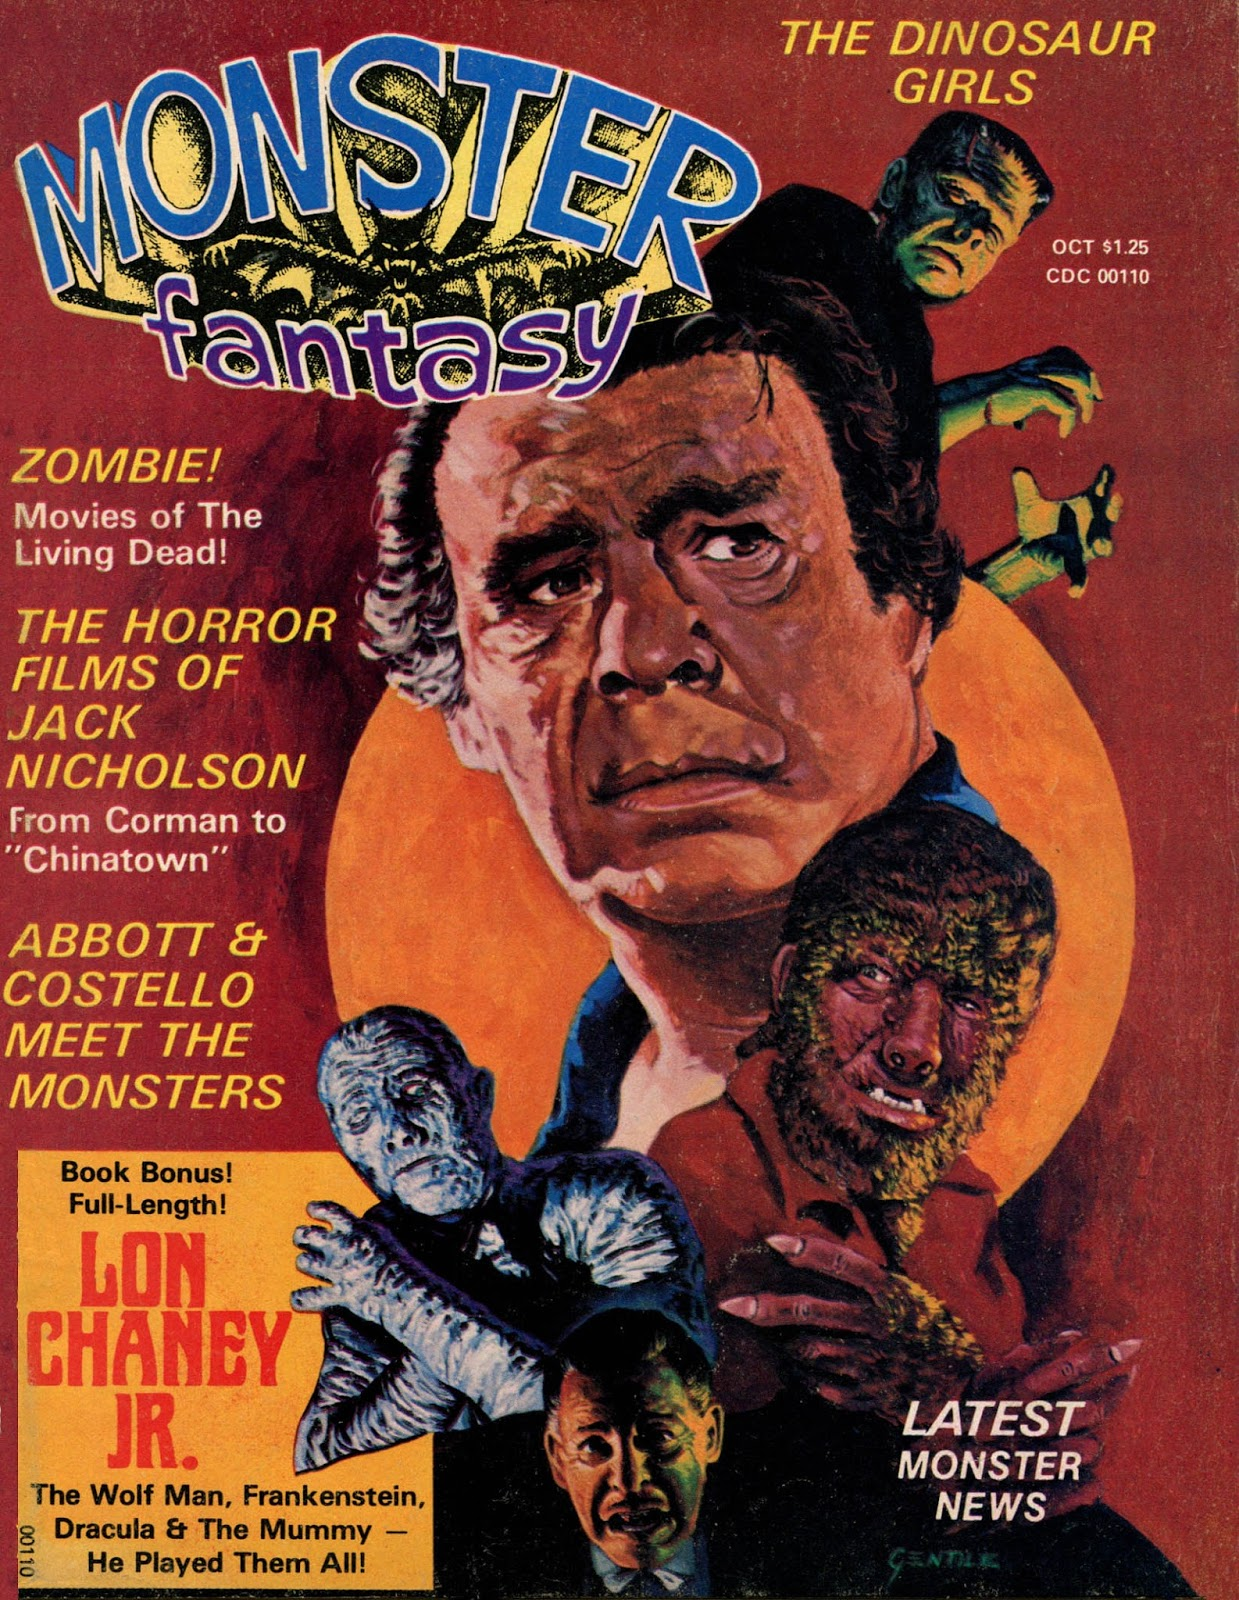 MONSTER FANTASY magazine # 3